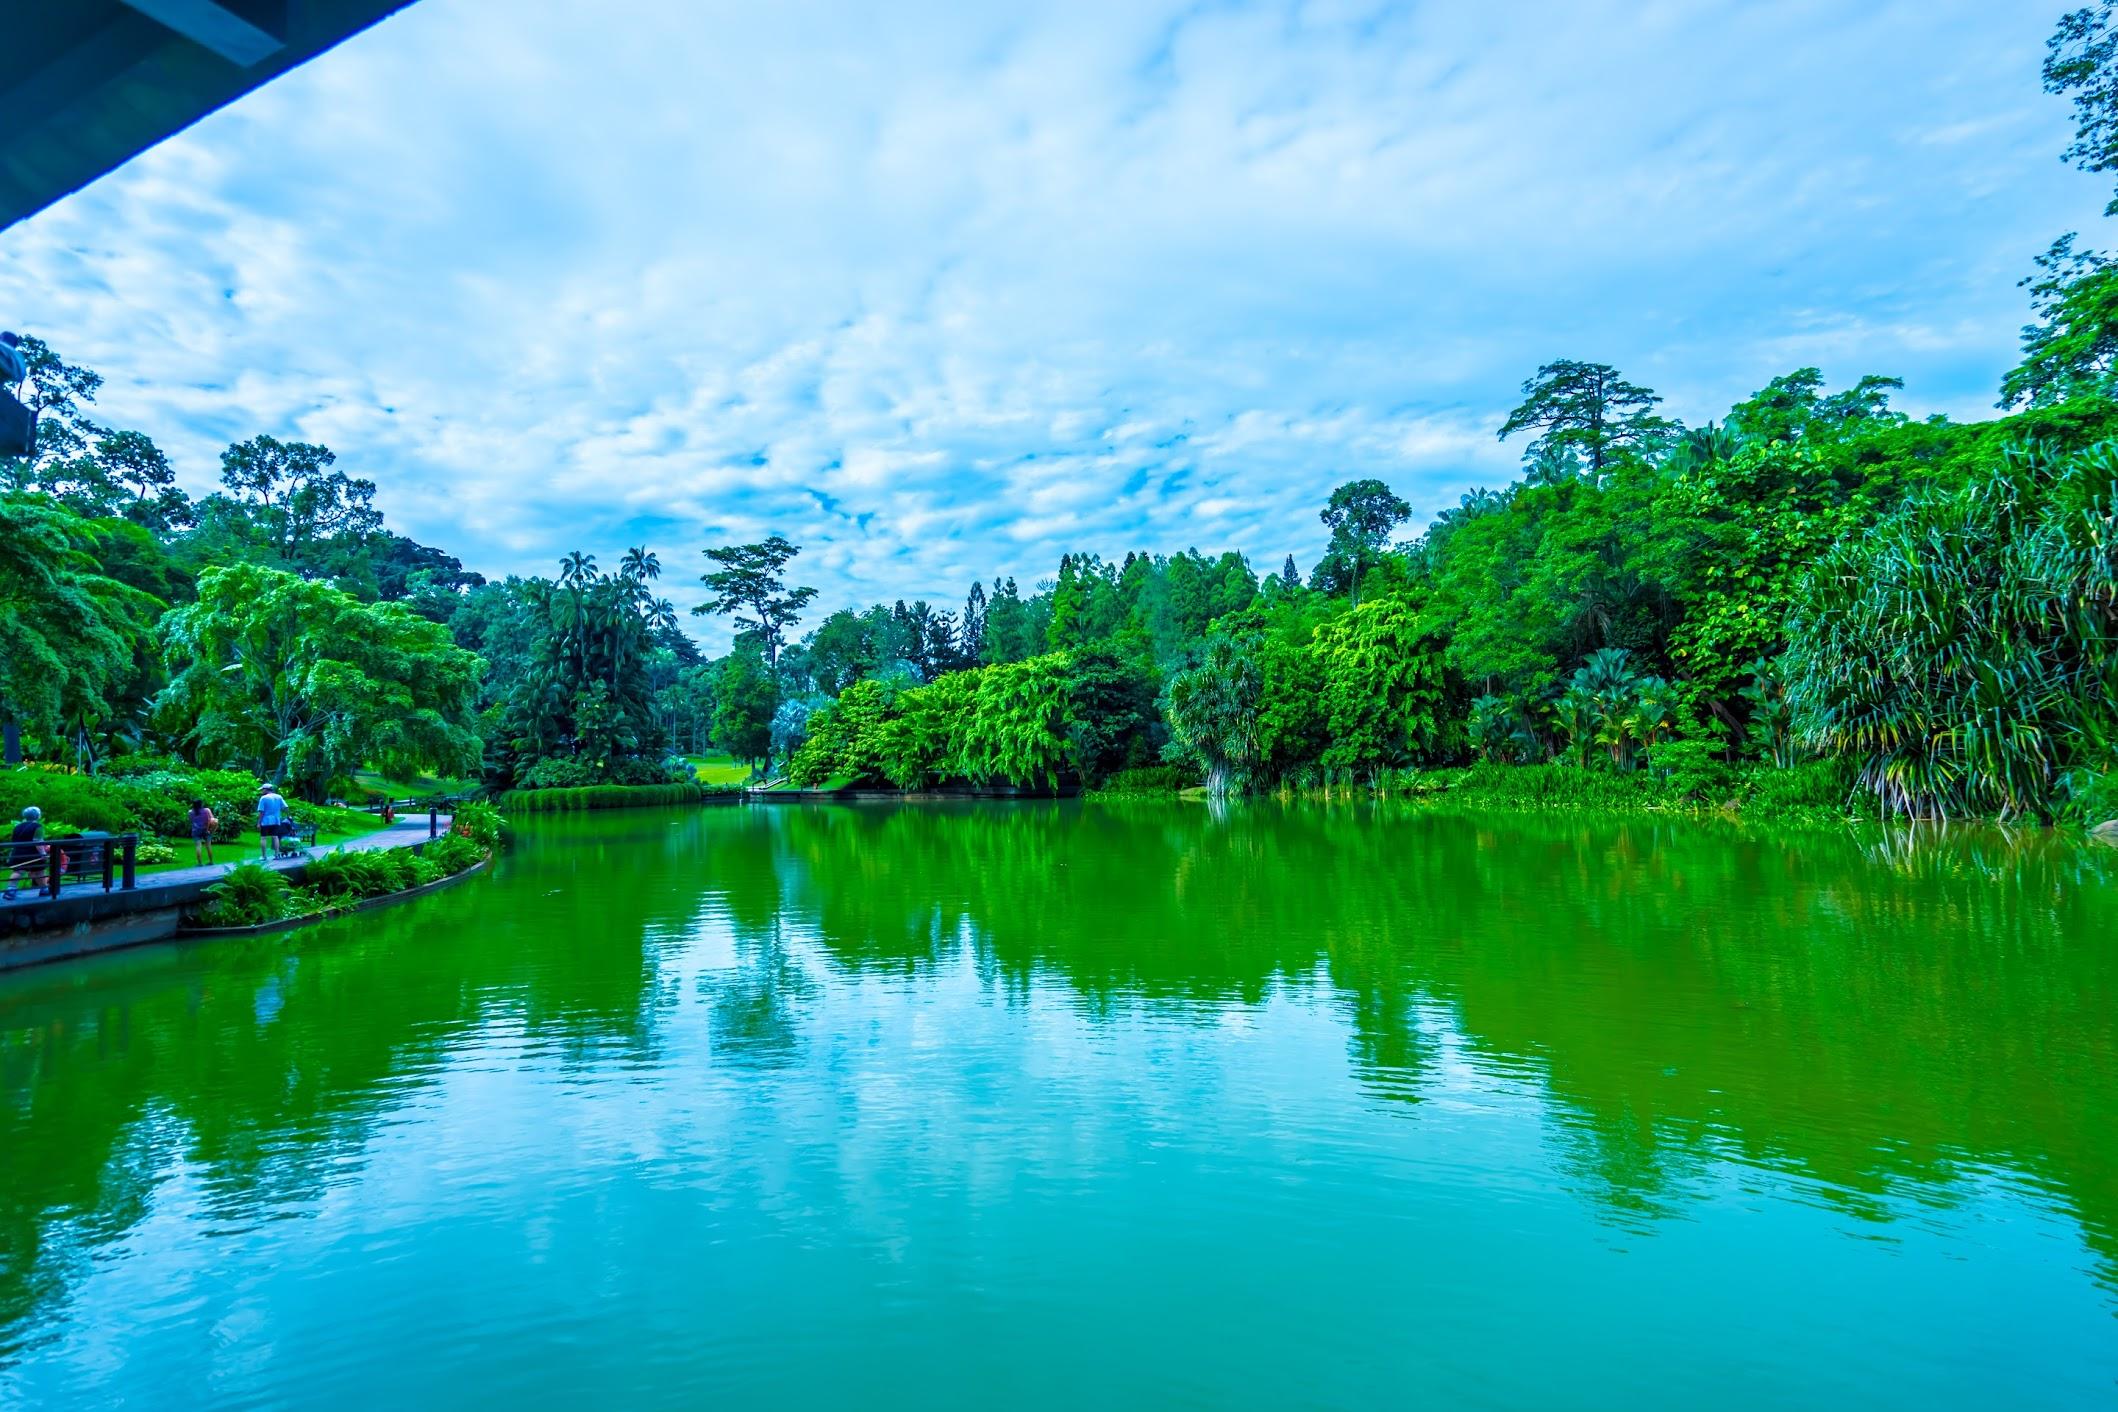 Singapore Botanic Gardens Symphony Lake2